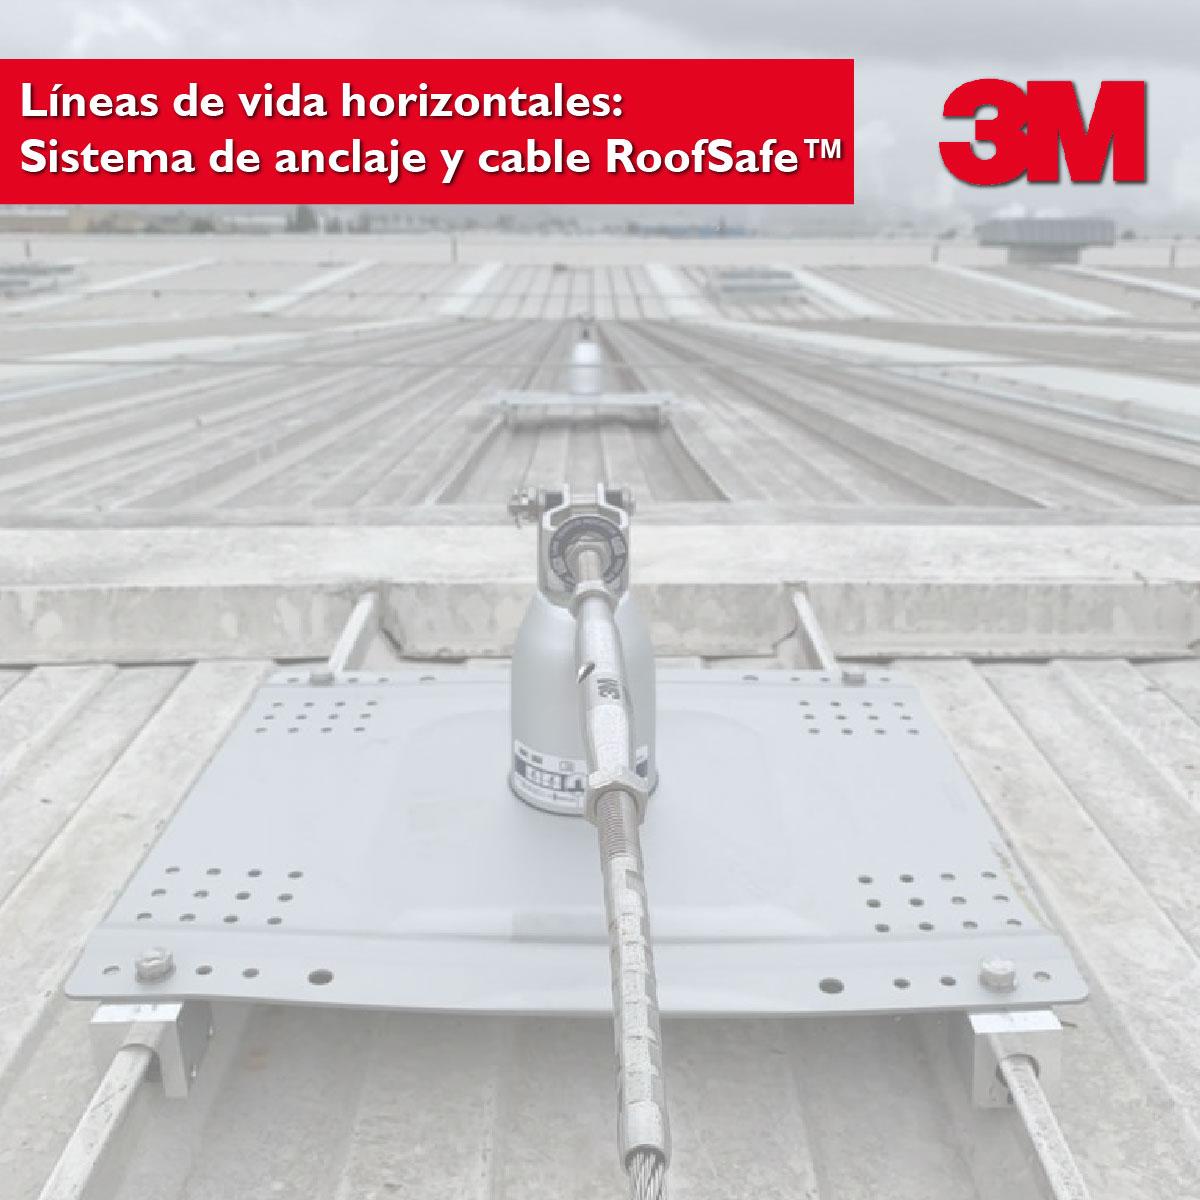 Líneas de vida horizontales 3M